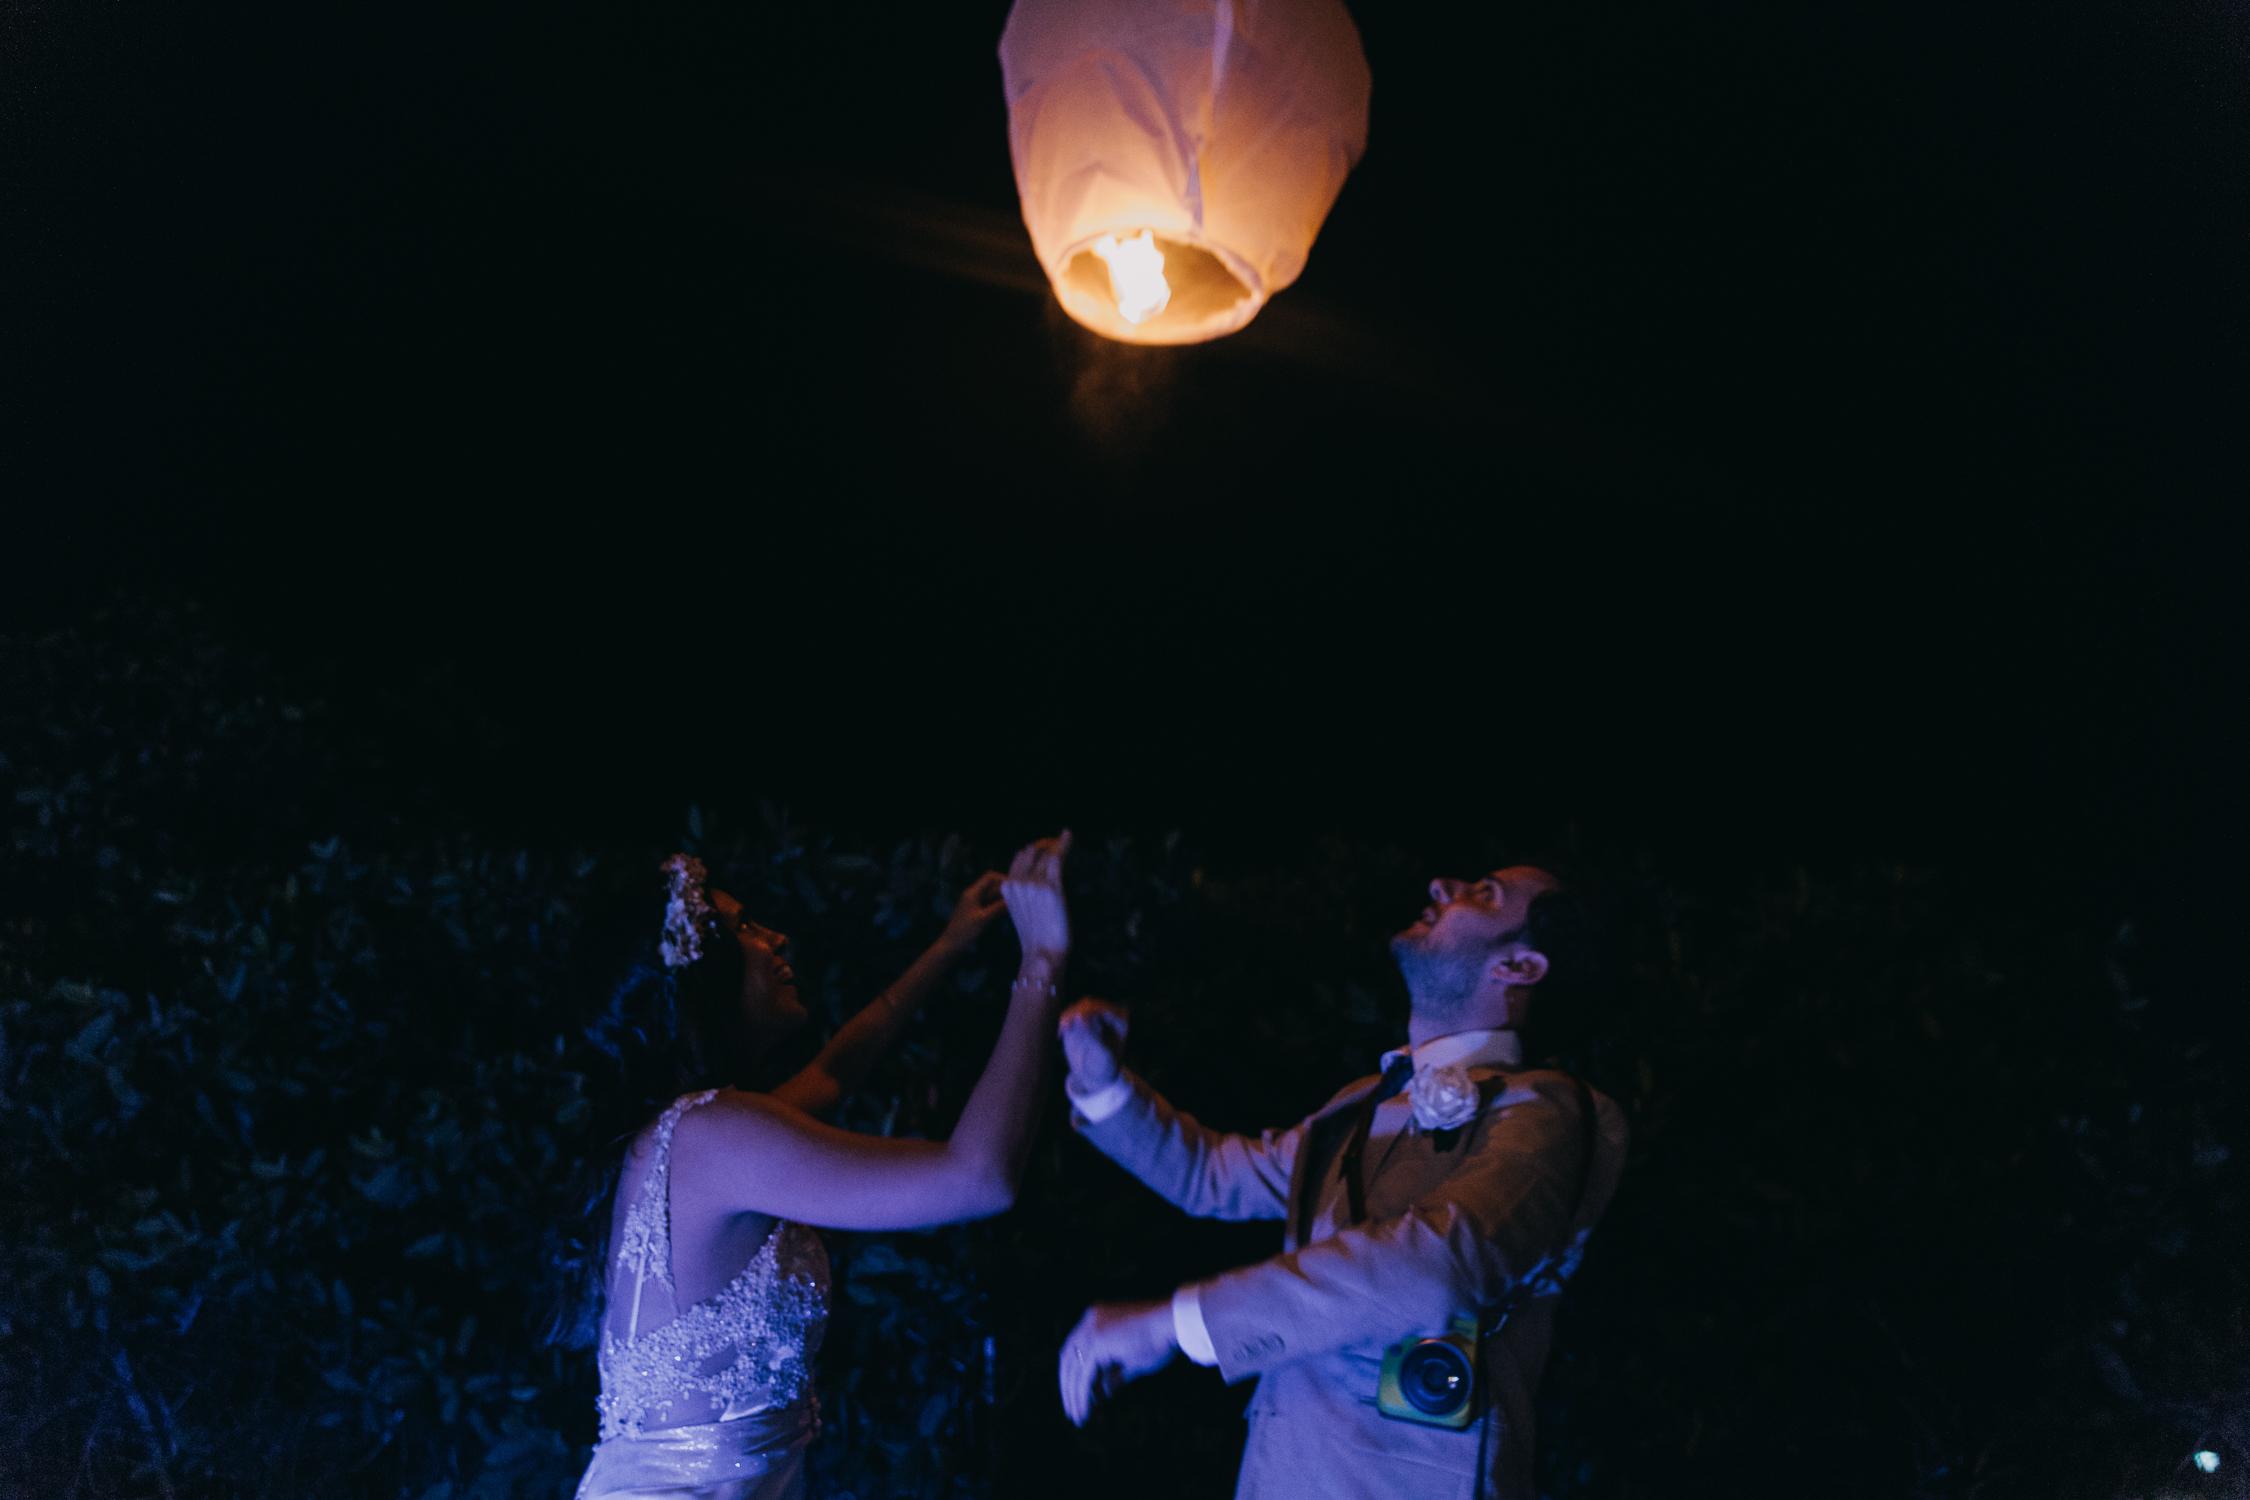 Michelle-Agurto-Fotografia-Bodas-Ecuador-Destination-Wedding-Photographer-Galapagos-Andrea-Joaquin-323.JPG